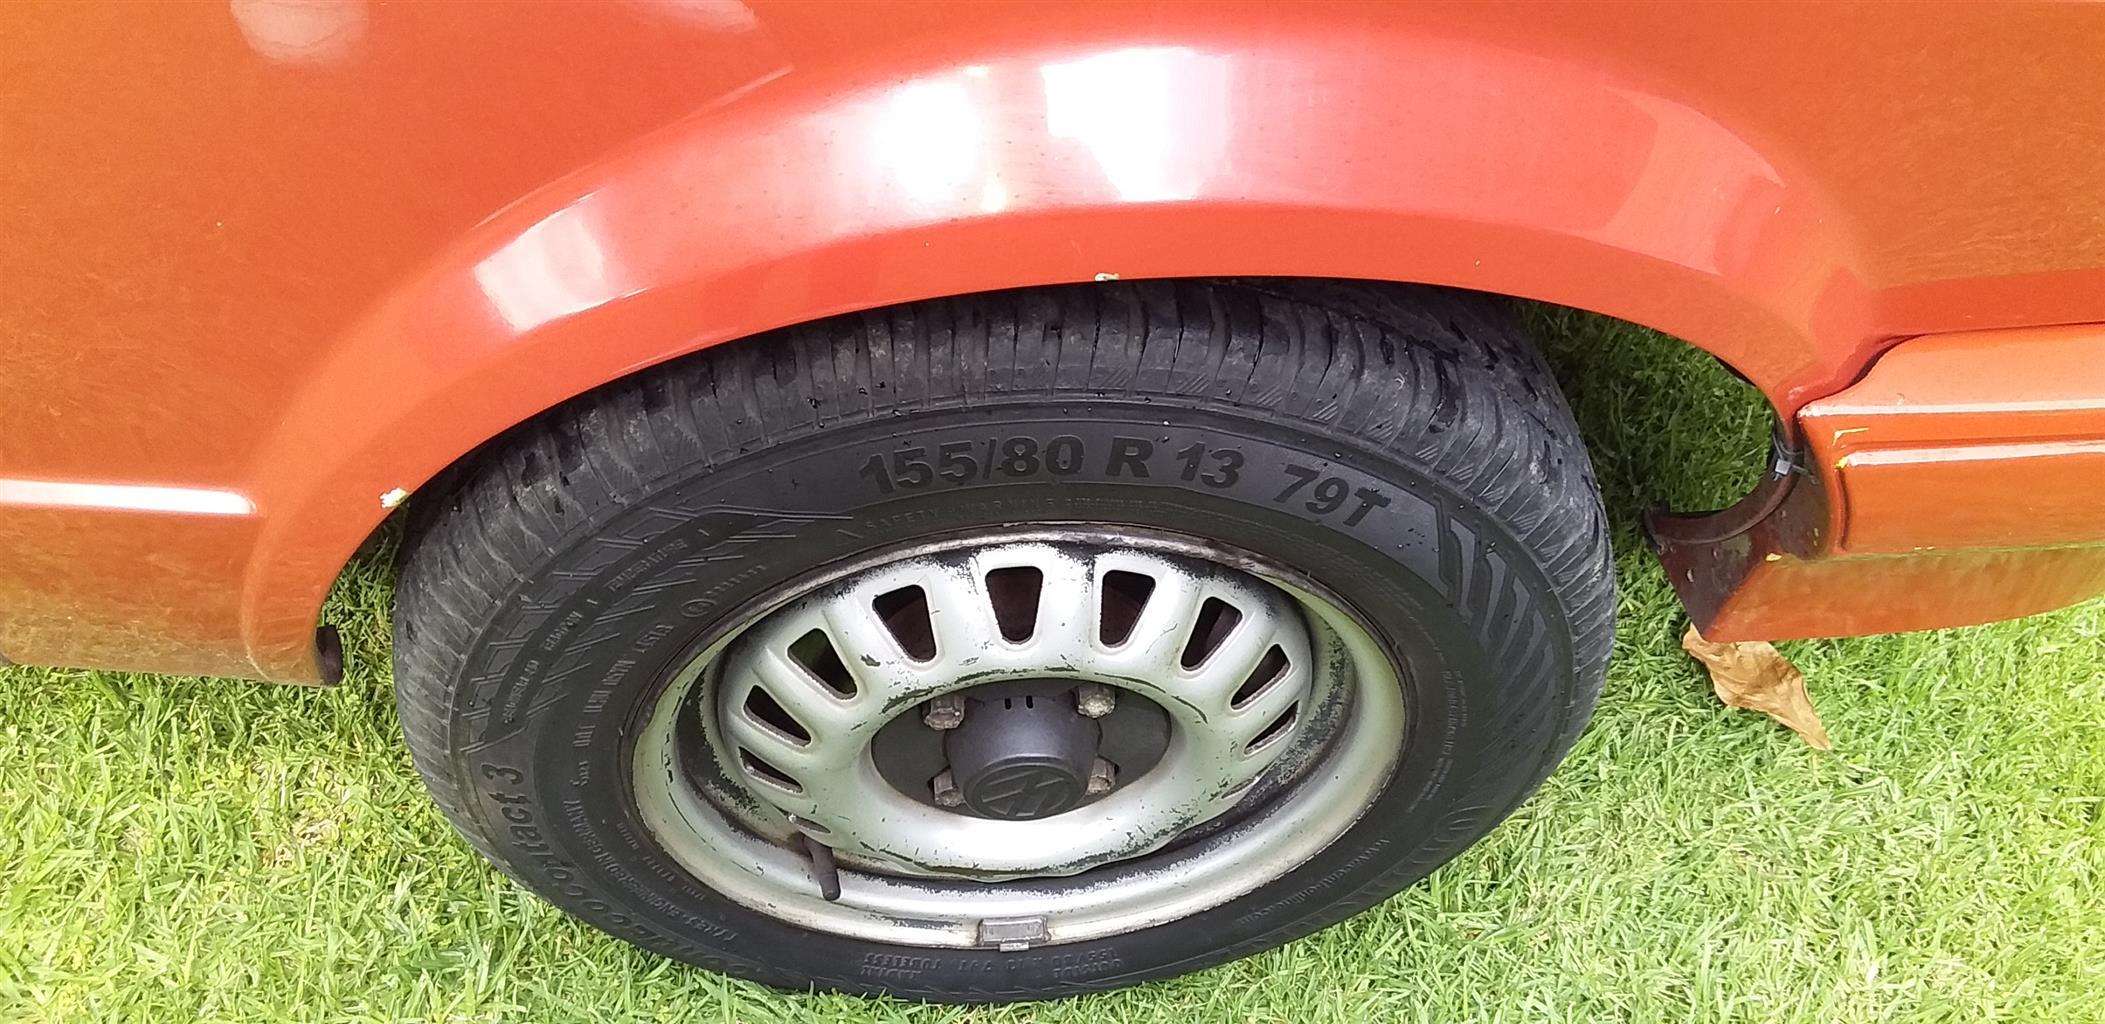 1996 VW Citi CITI CHICO 1.4